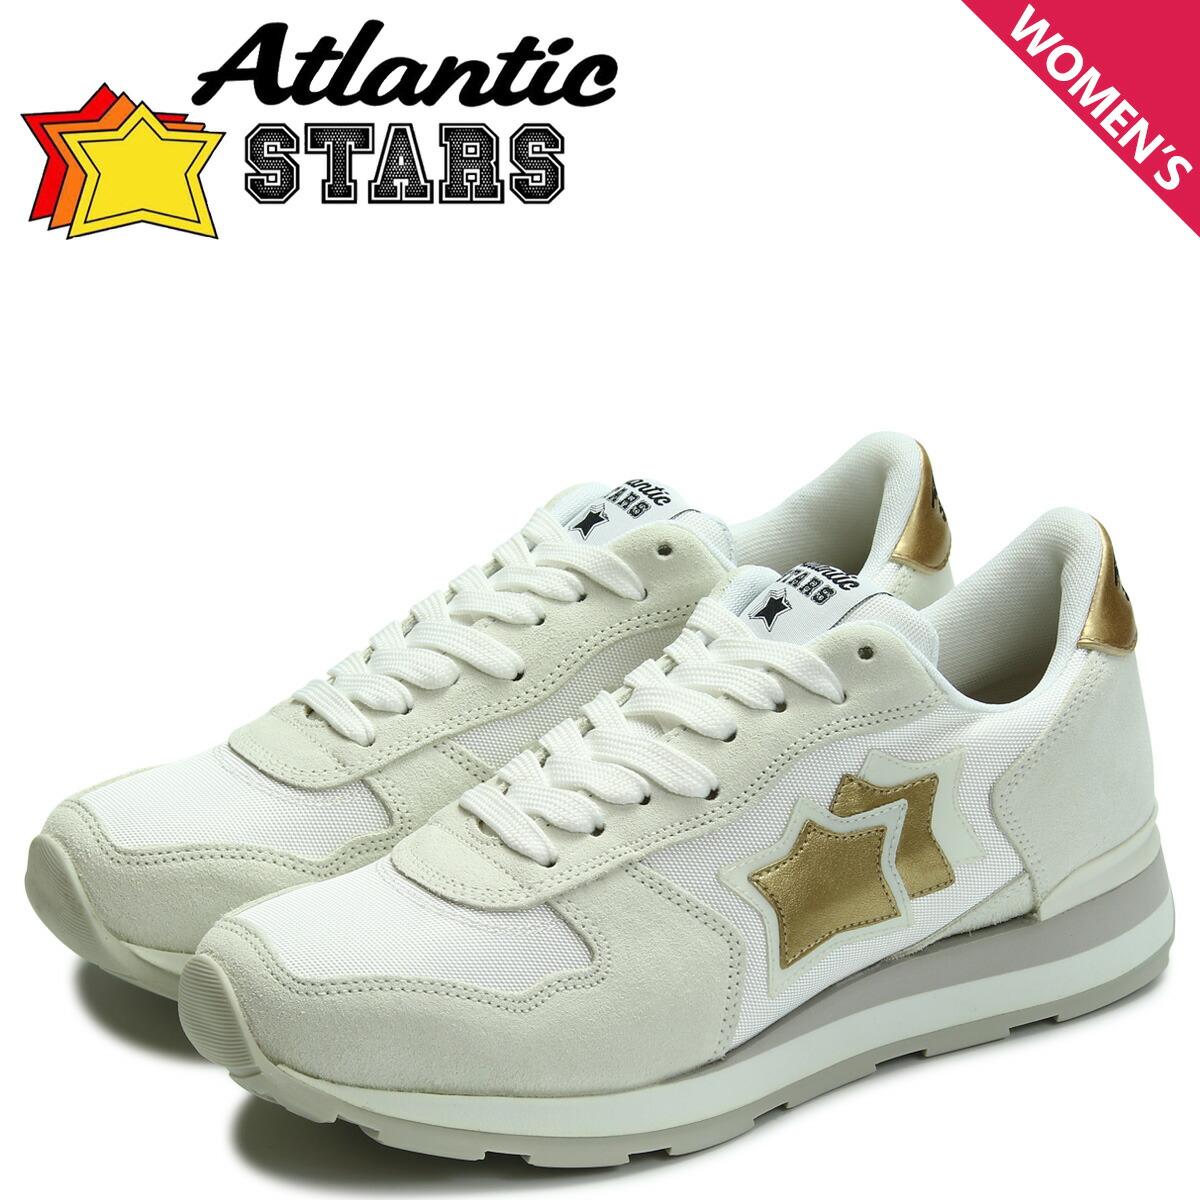 アトランティックスターズ レディース スニーカー Atlantic STARS ベガ VEGA BO-86B ホワイト [2/2 新入荷]